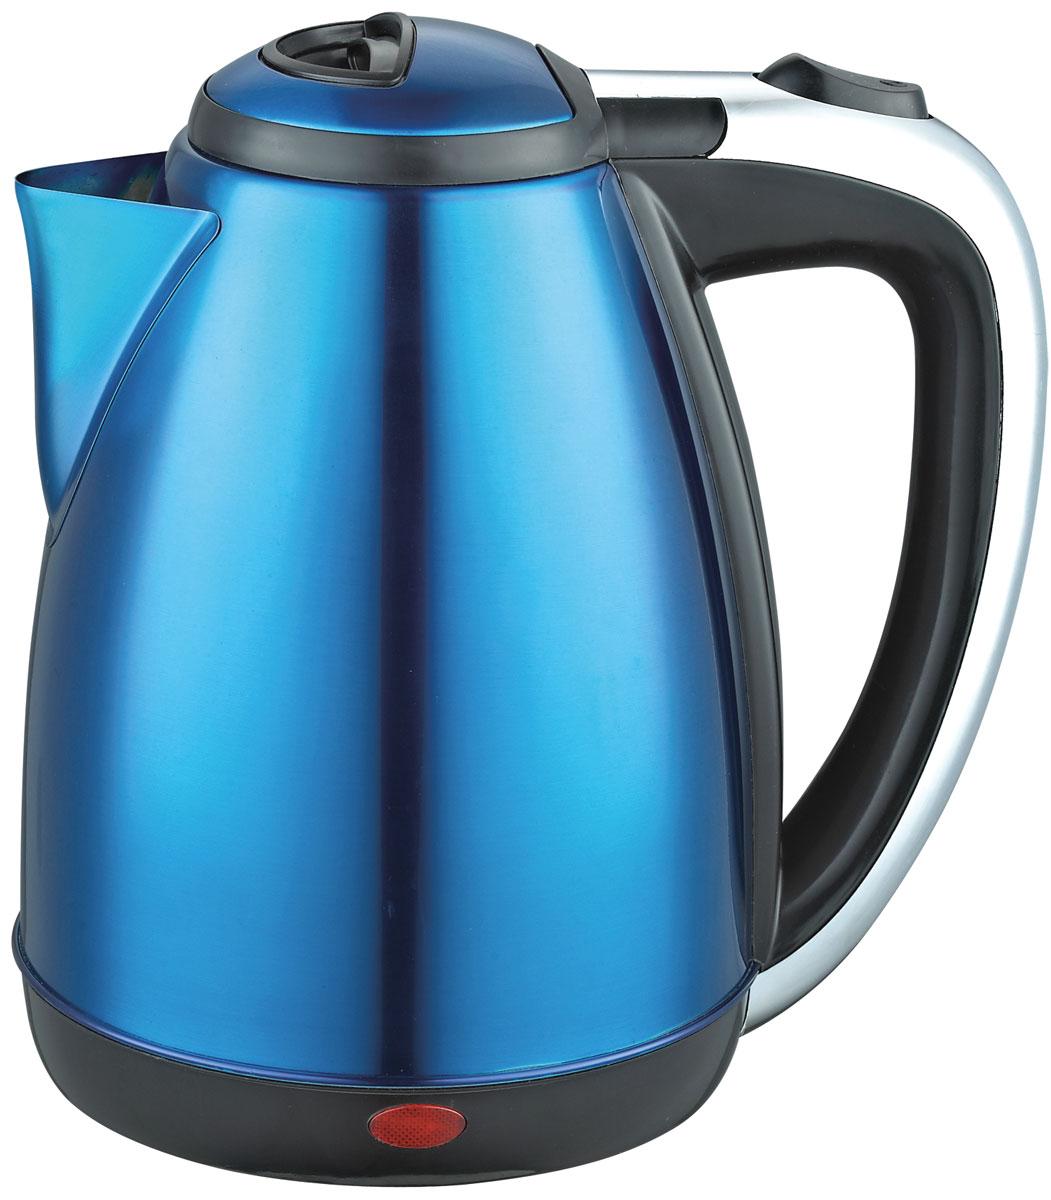 Irit IR-1324 электрический чайник79 01988Электрический чайник Irit IR-1324 прост в управлении и долговечен в использовании. Изготовлен из высококачественных материалов. Прозрачное окошко позволяет определить уровень воды. Мощность 1500 Вт вскипятит 1,8 литра воды в считанные минуты. Беспроводное соединение позволяет вращать чайник на подставке на 360°. Для обеспечения безопасности при повседневном использовании предусмотрены функция автовыключения, а также защита от включения при отсутствии воды.